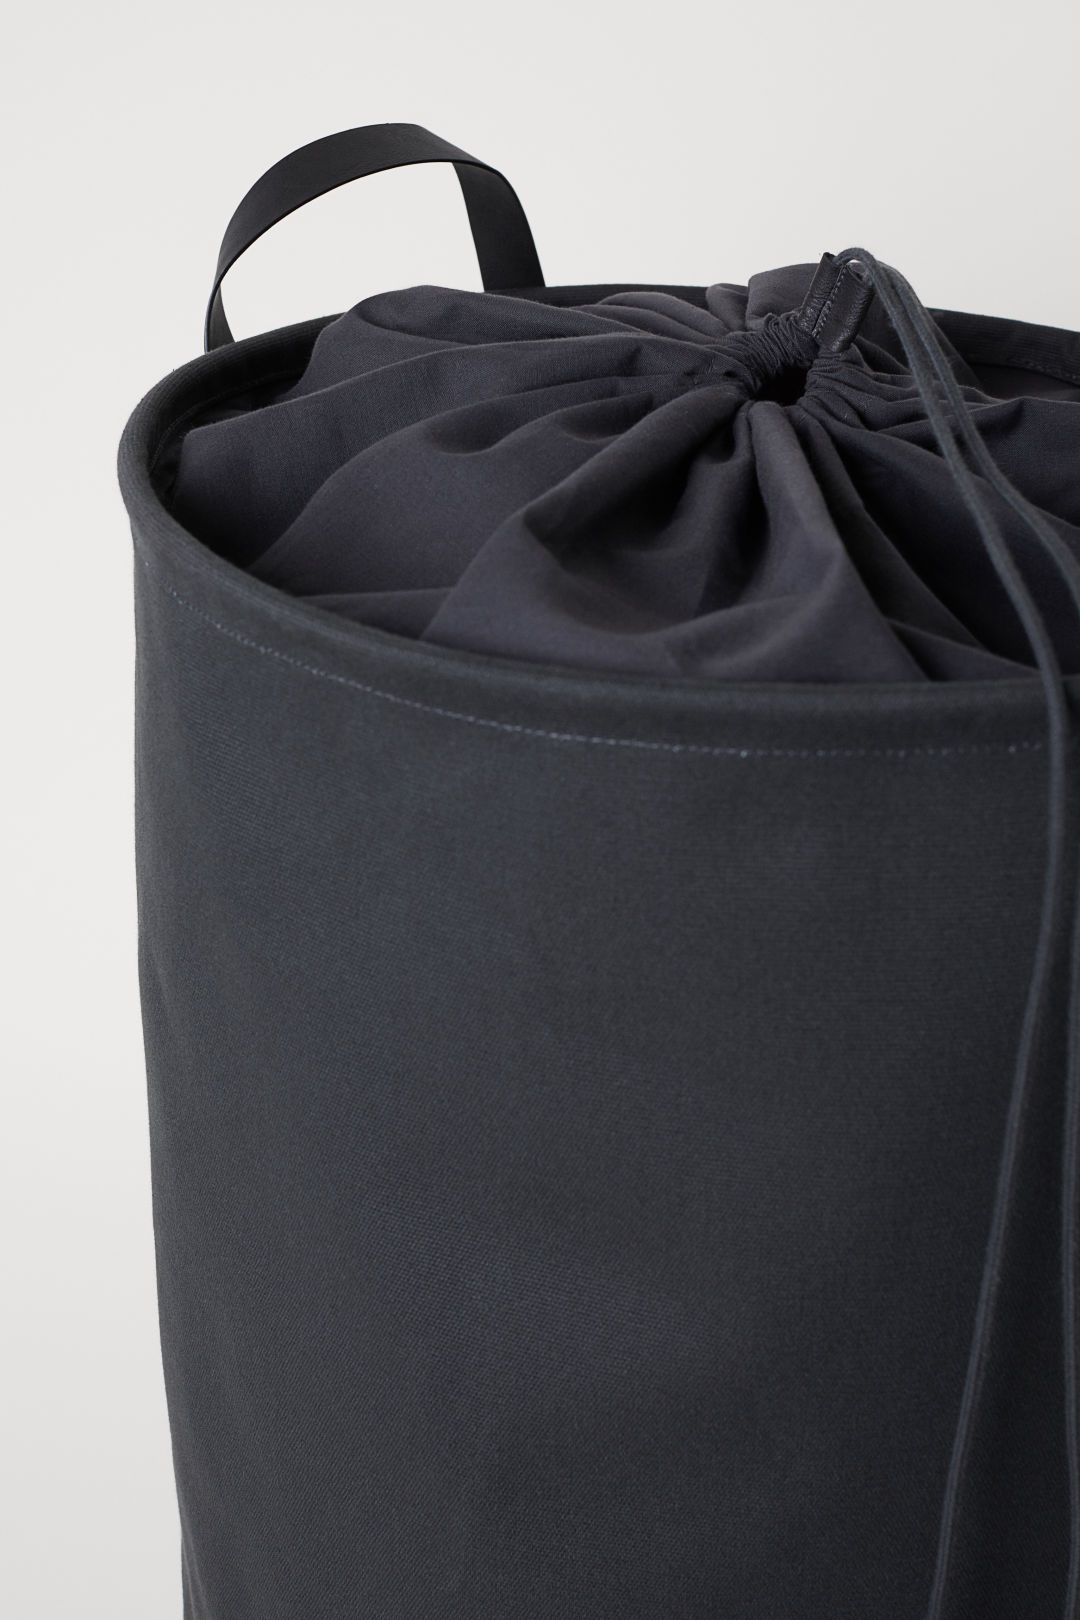 Bawełniana torba na pranie